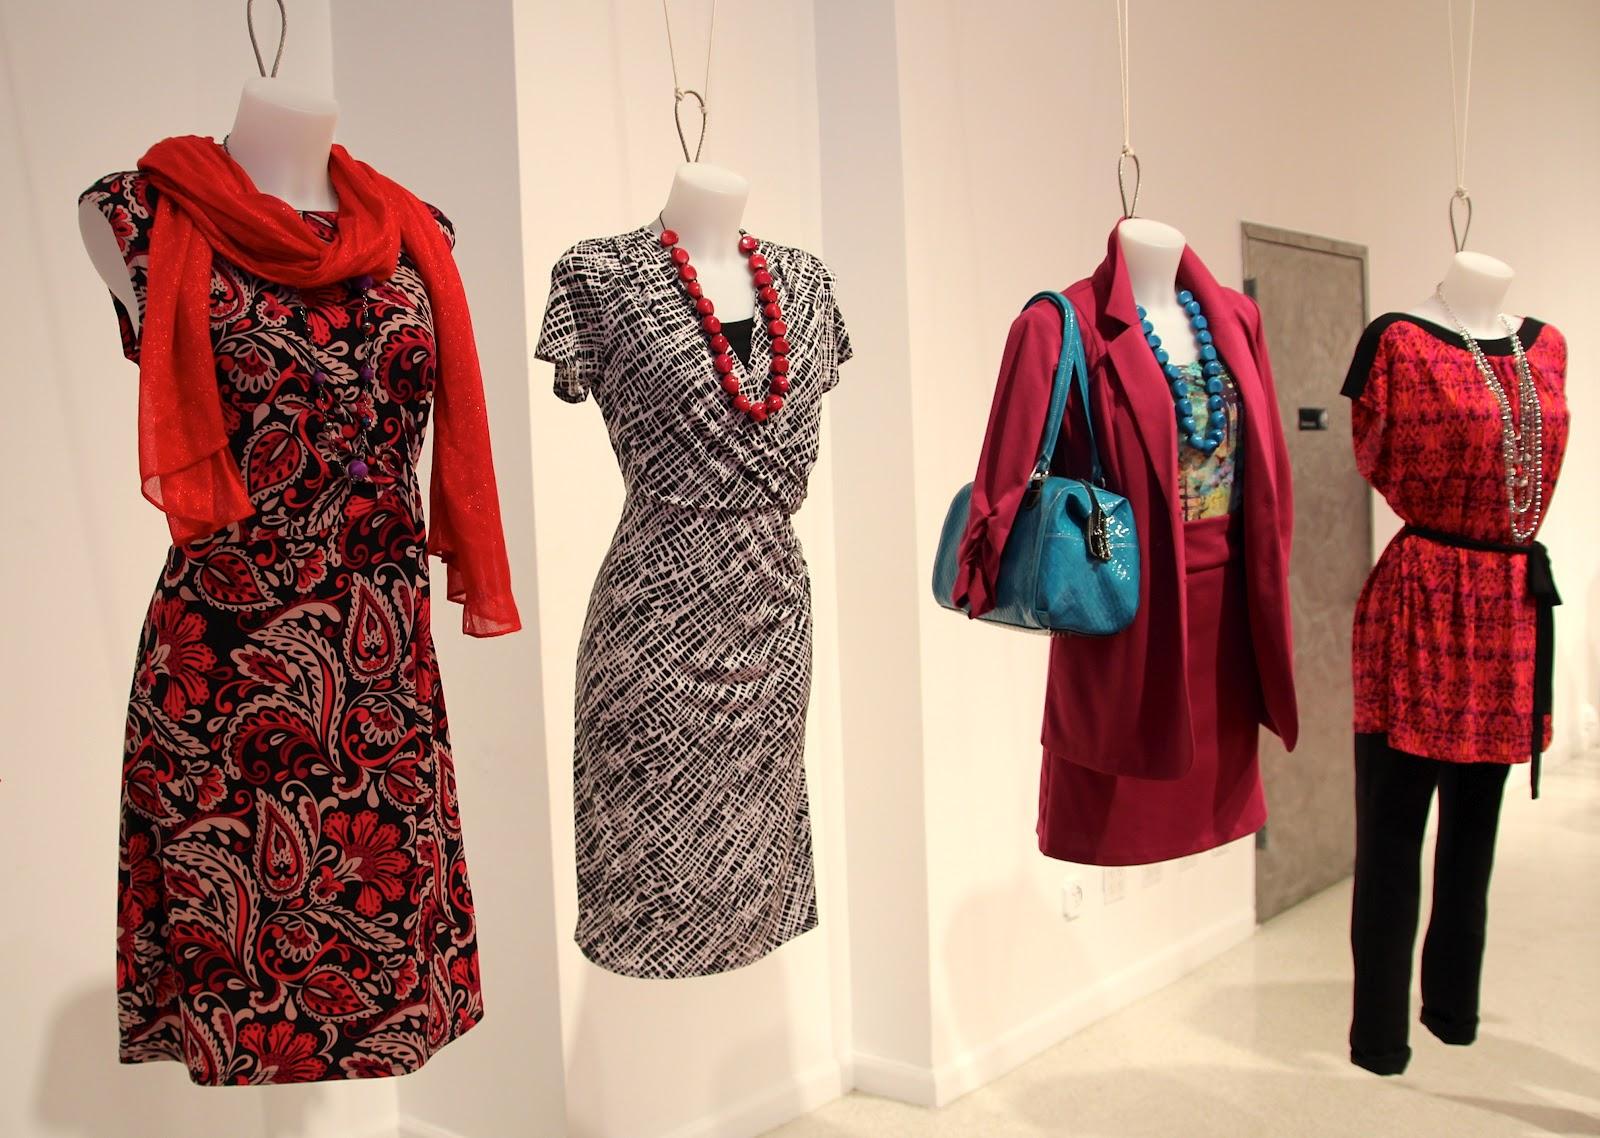 FASHION BUG FALL 2012 Contemporary Attire For Women